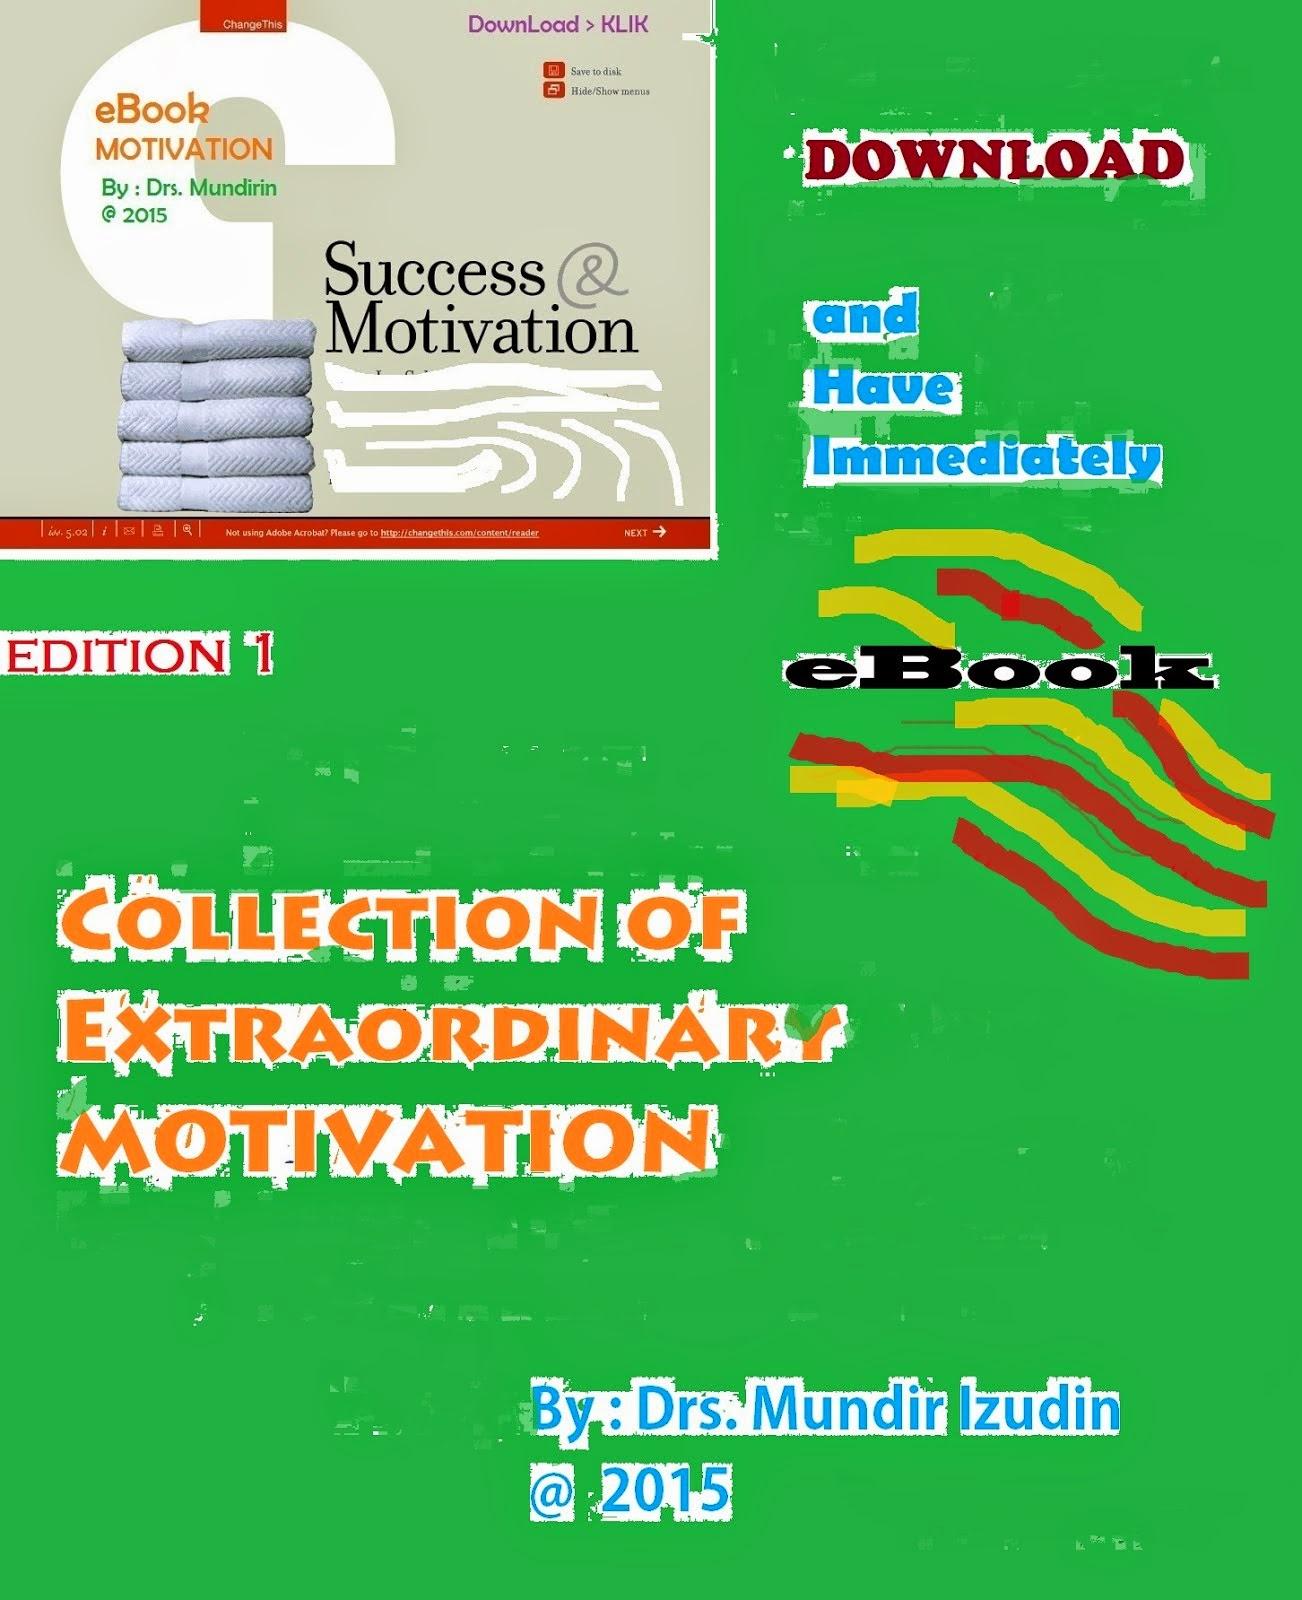 eBook Complete MOTIVATION & HERB MEDICINE